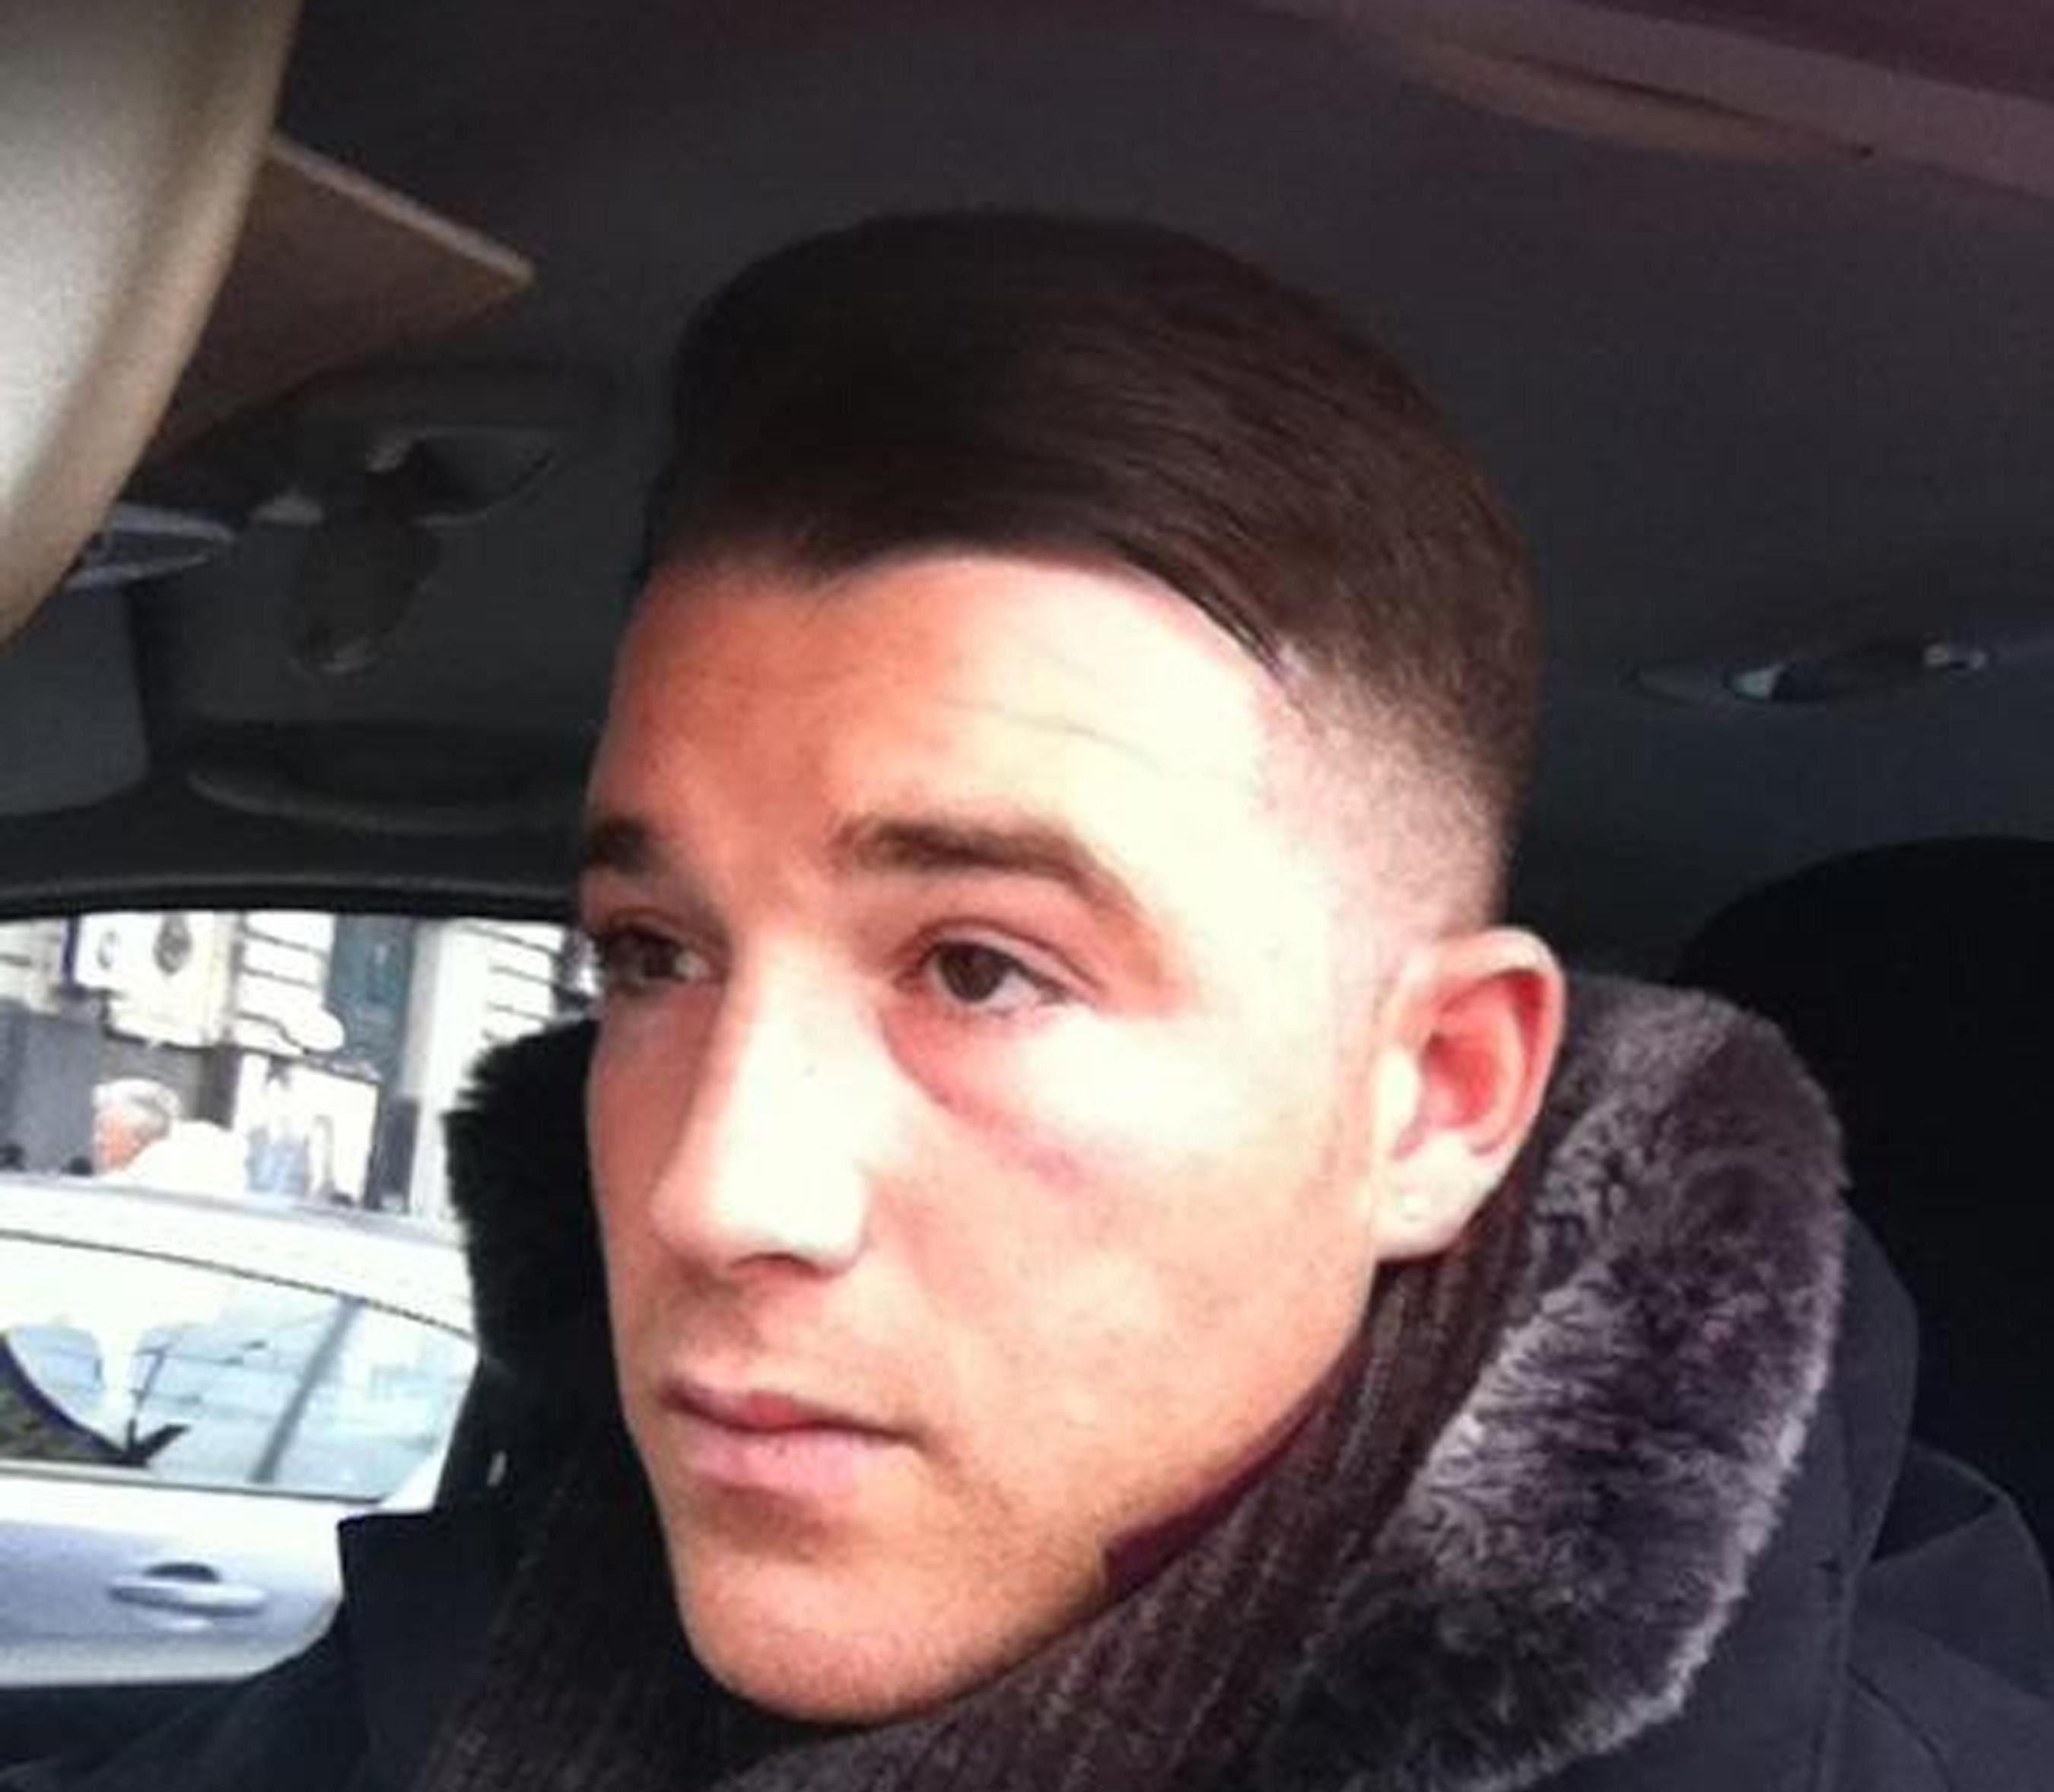 Stati Uniti: turista italiano ucciso a colpi di arma da fuoco